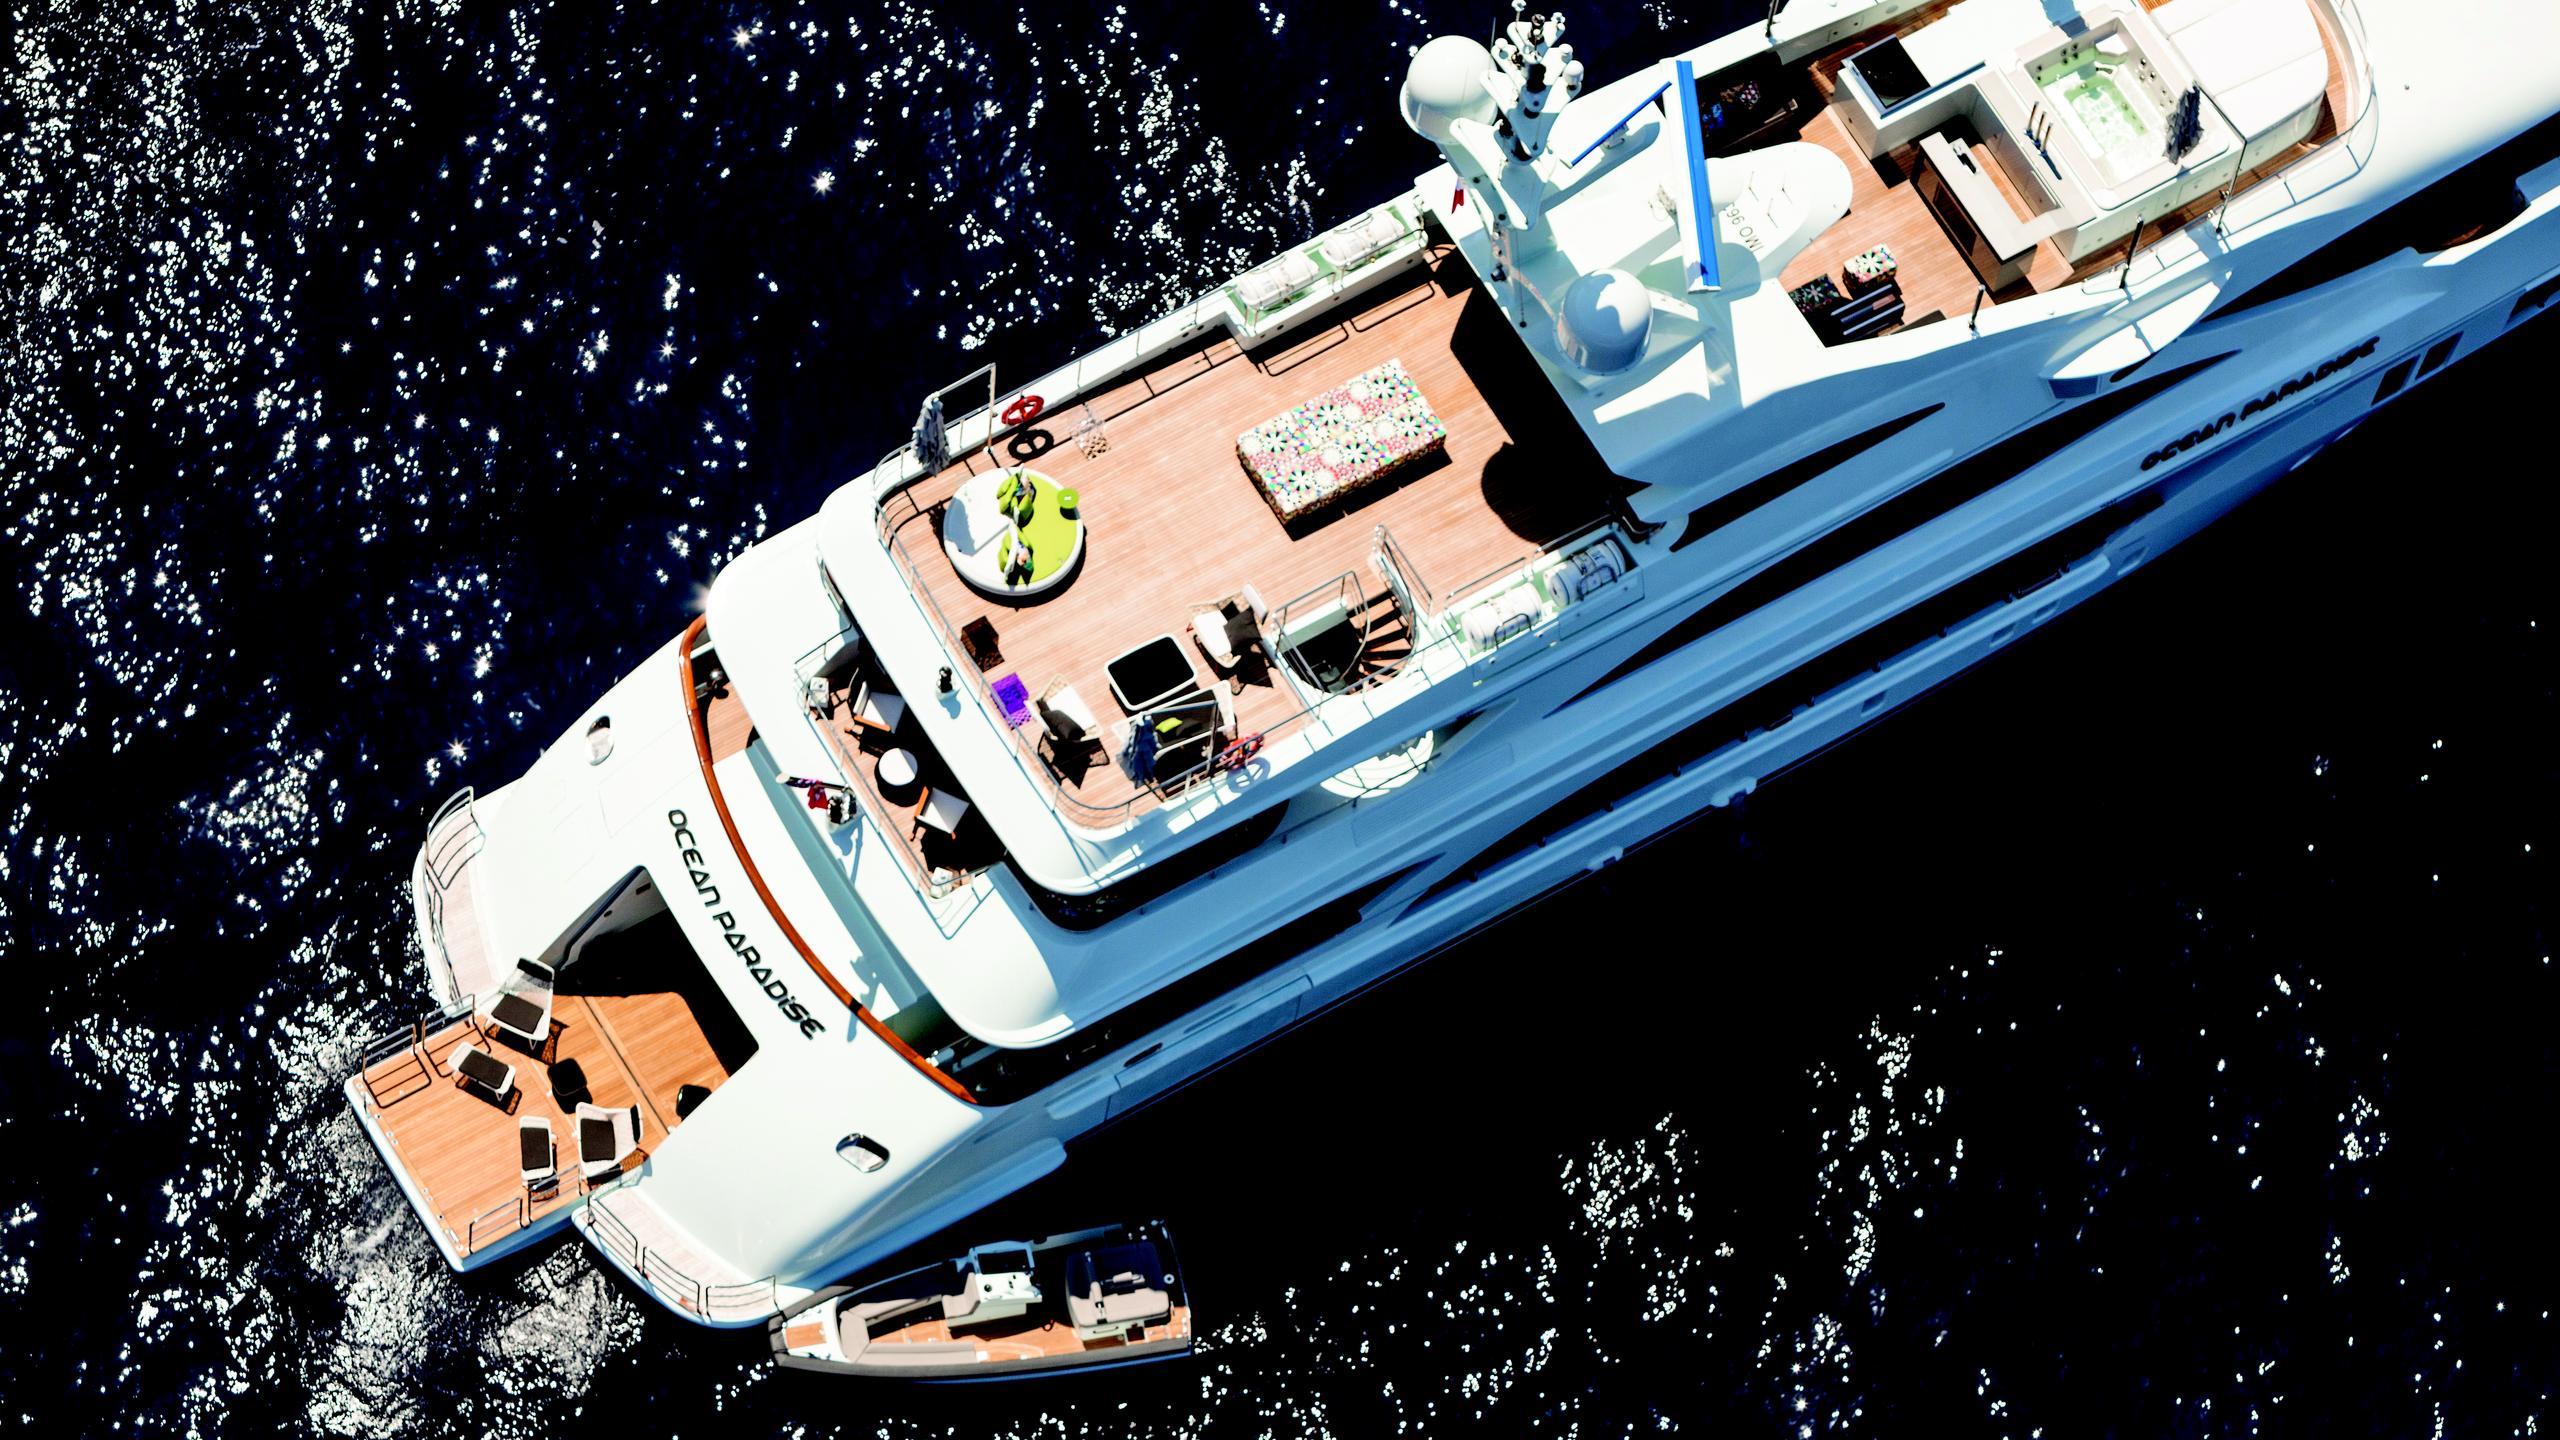 ocean-paradise-yacht-aerial-aft